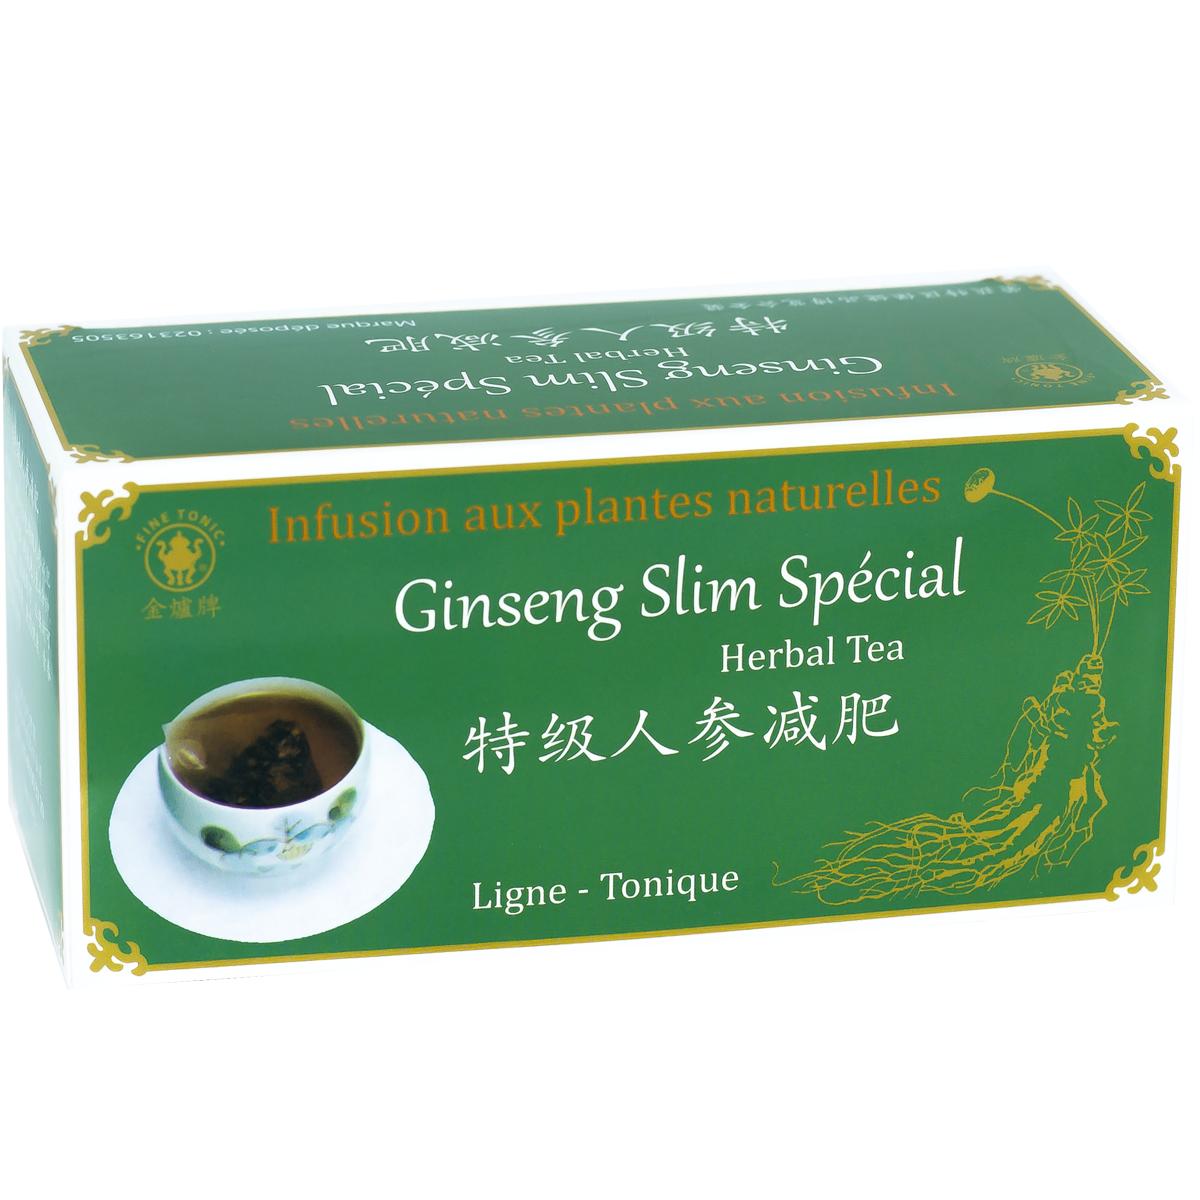 Ginseng Slim Spécial Image